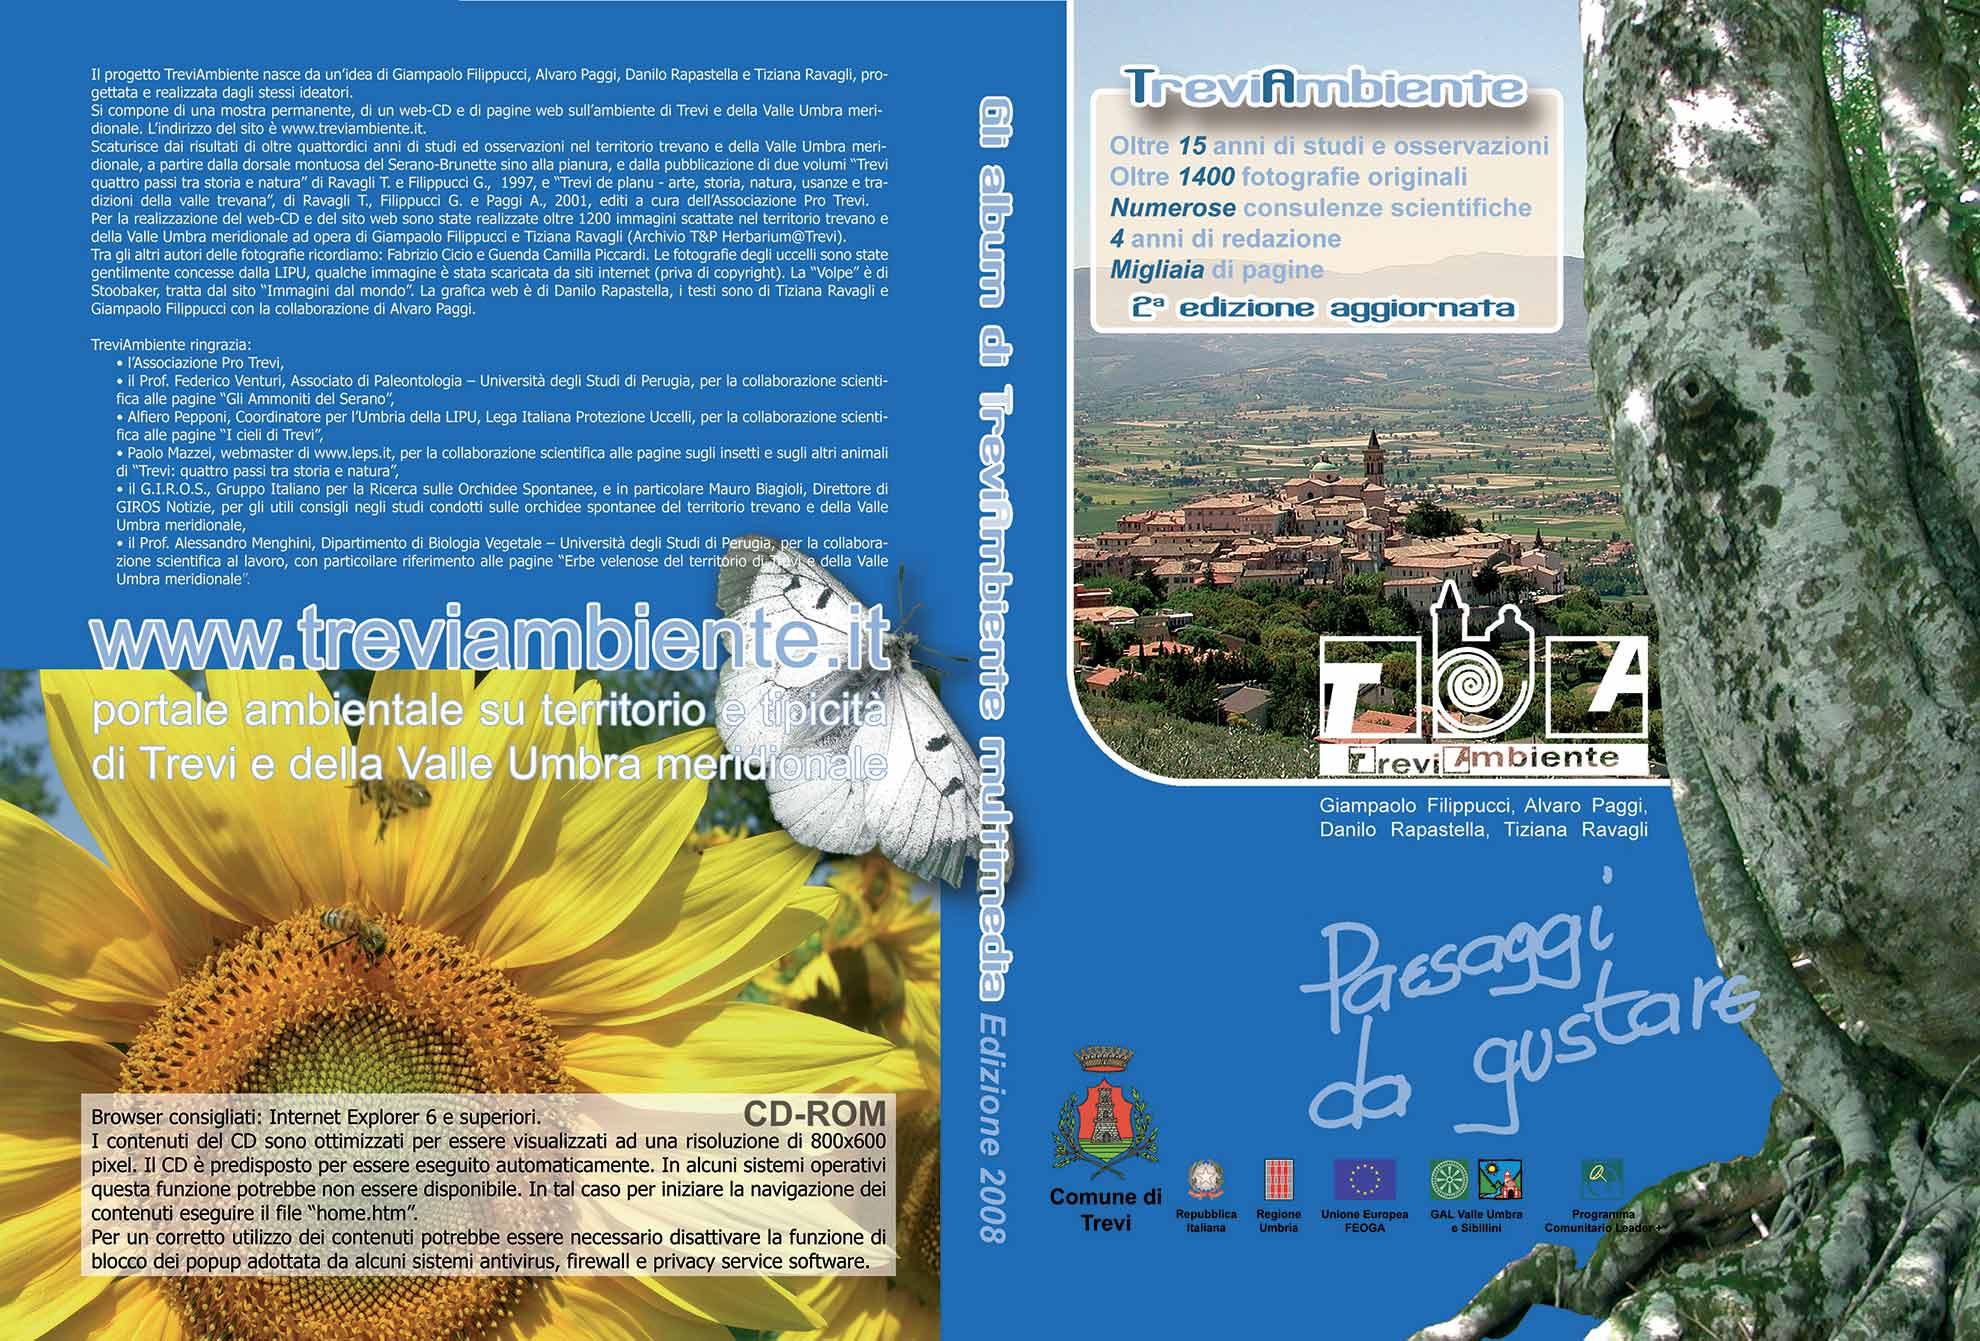 Grafica di Danilo Rapastella, Tiziana Ravagli, Giampaolo Filippucci